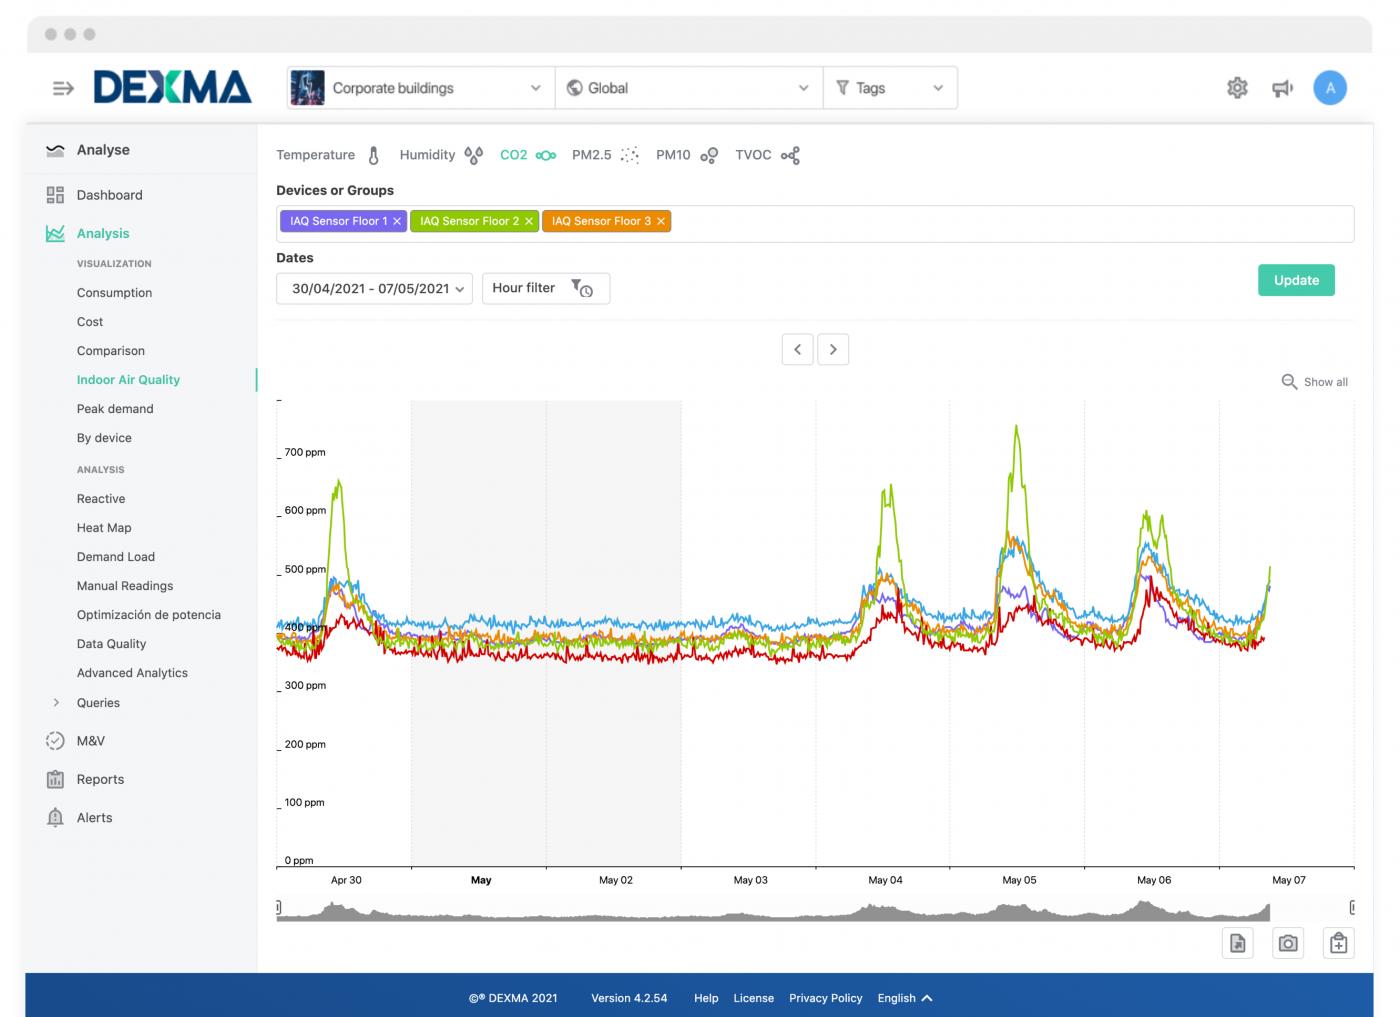 Funcionalidad Calidad del Aire Interior de DEXMA